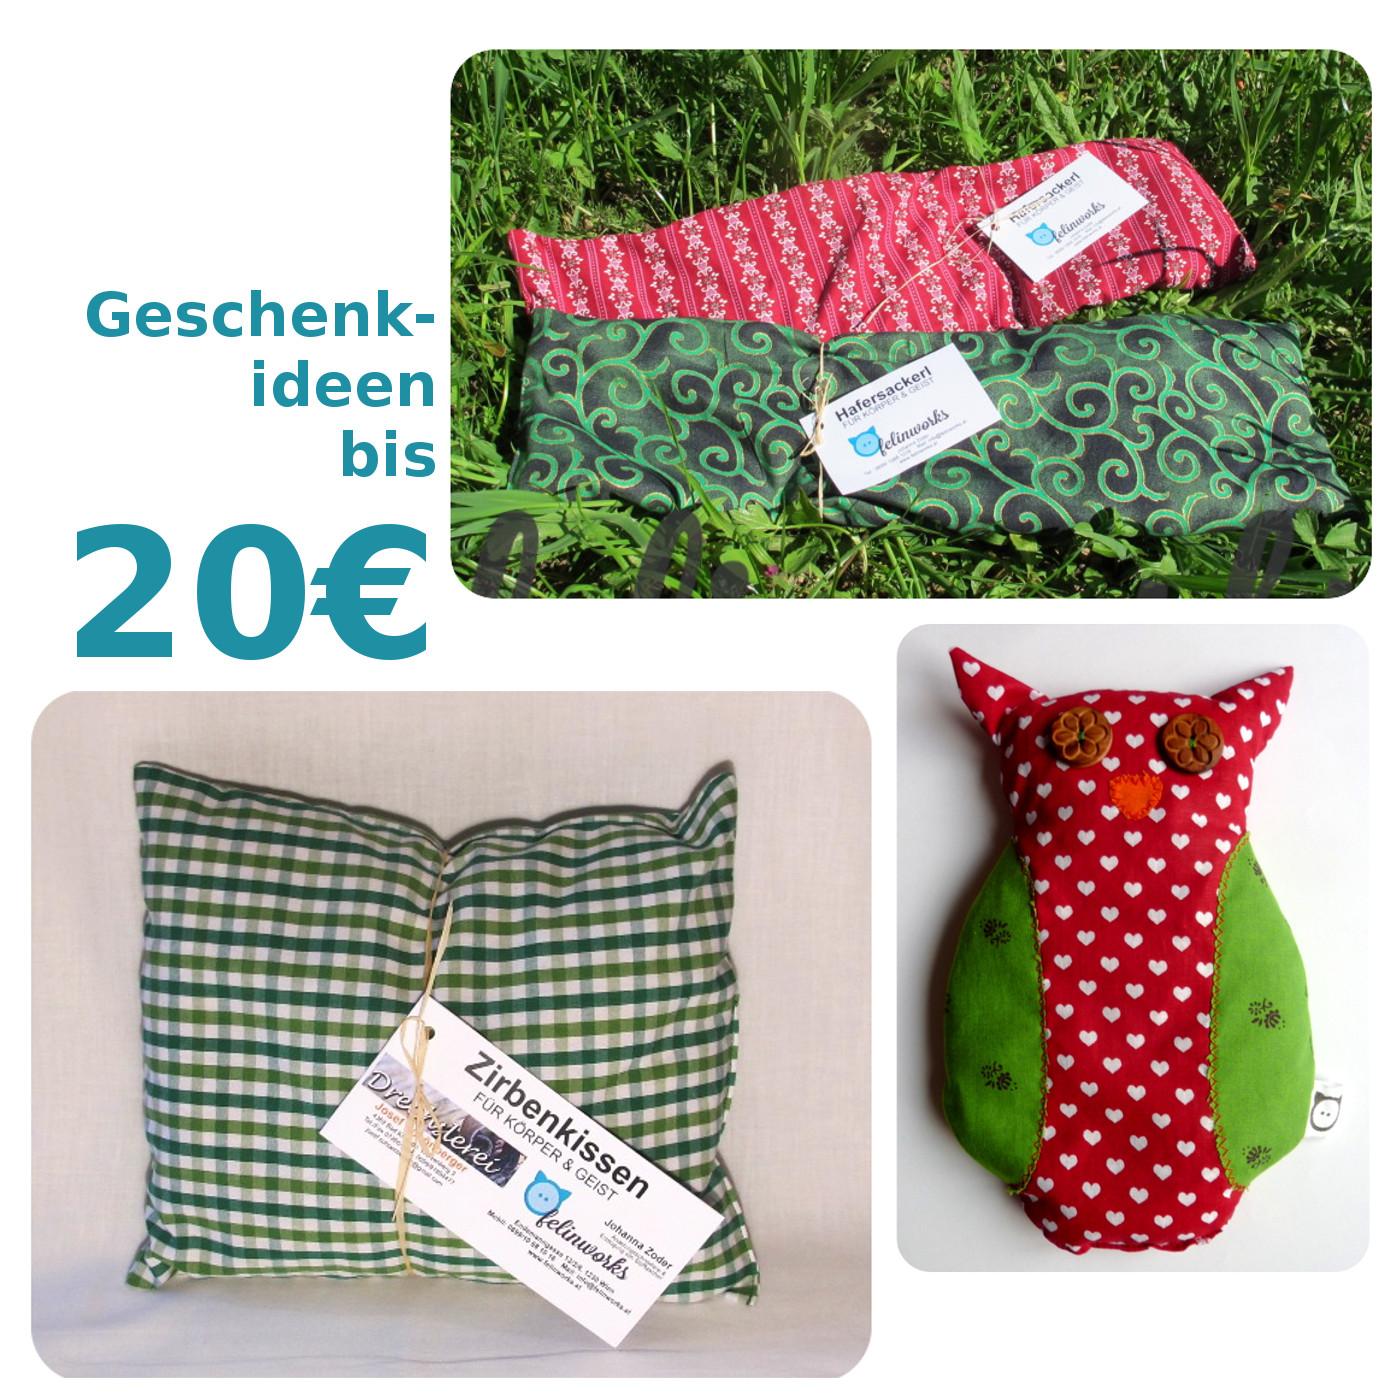 Bis 20€: kleines Zirbenkissen, Hafersackerl groß, Hafereule